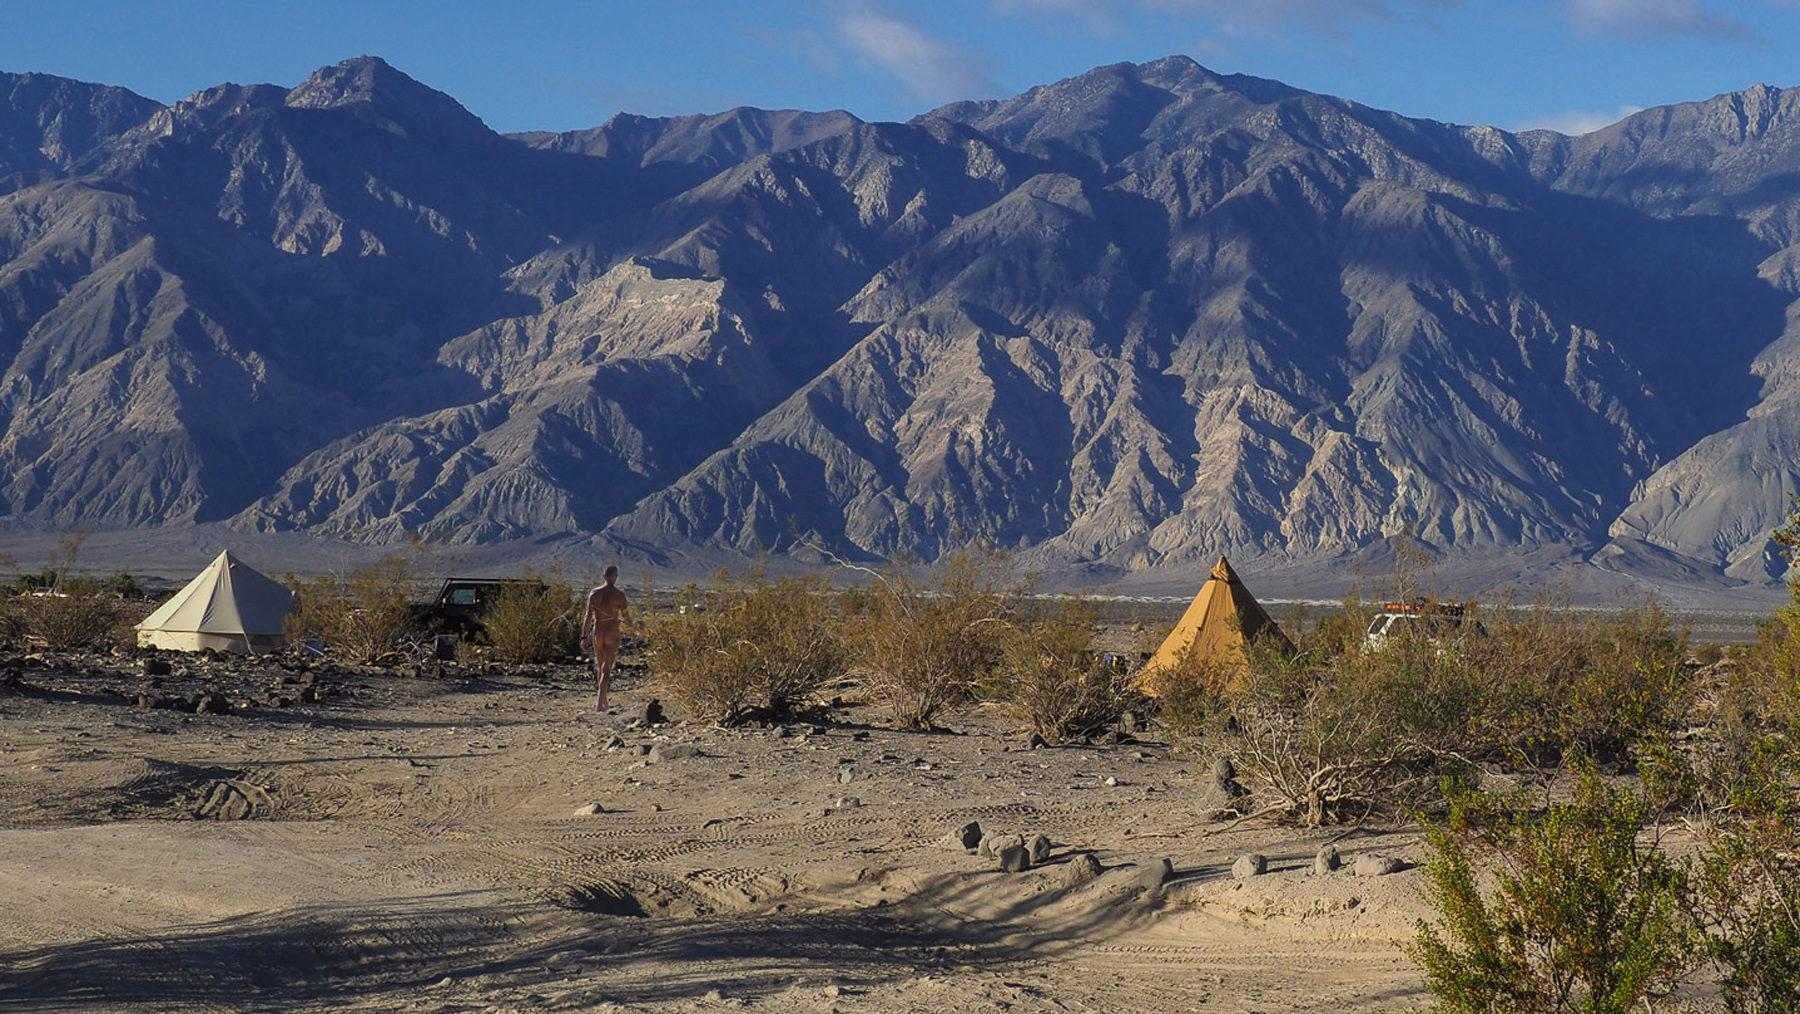 Seltsame Begegnungen in der Wüste, unsere Nachbaren bei den Warm Springs